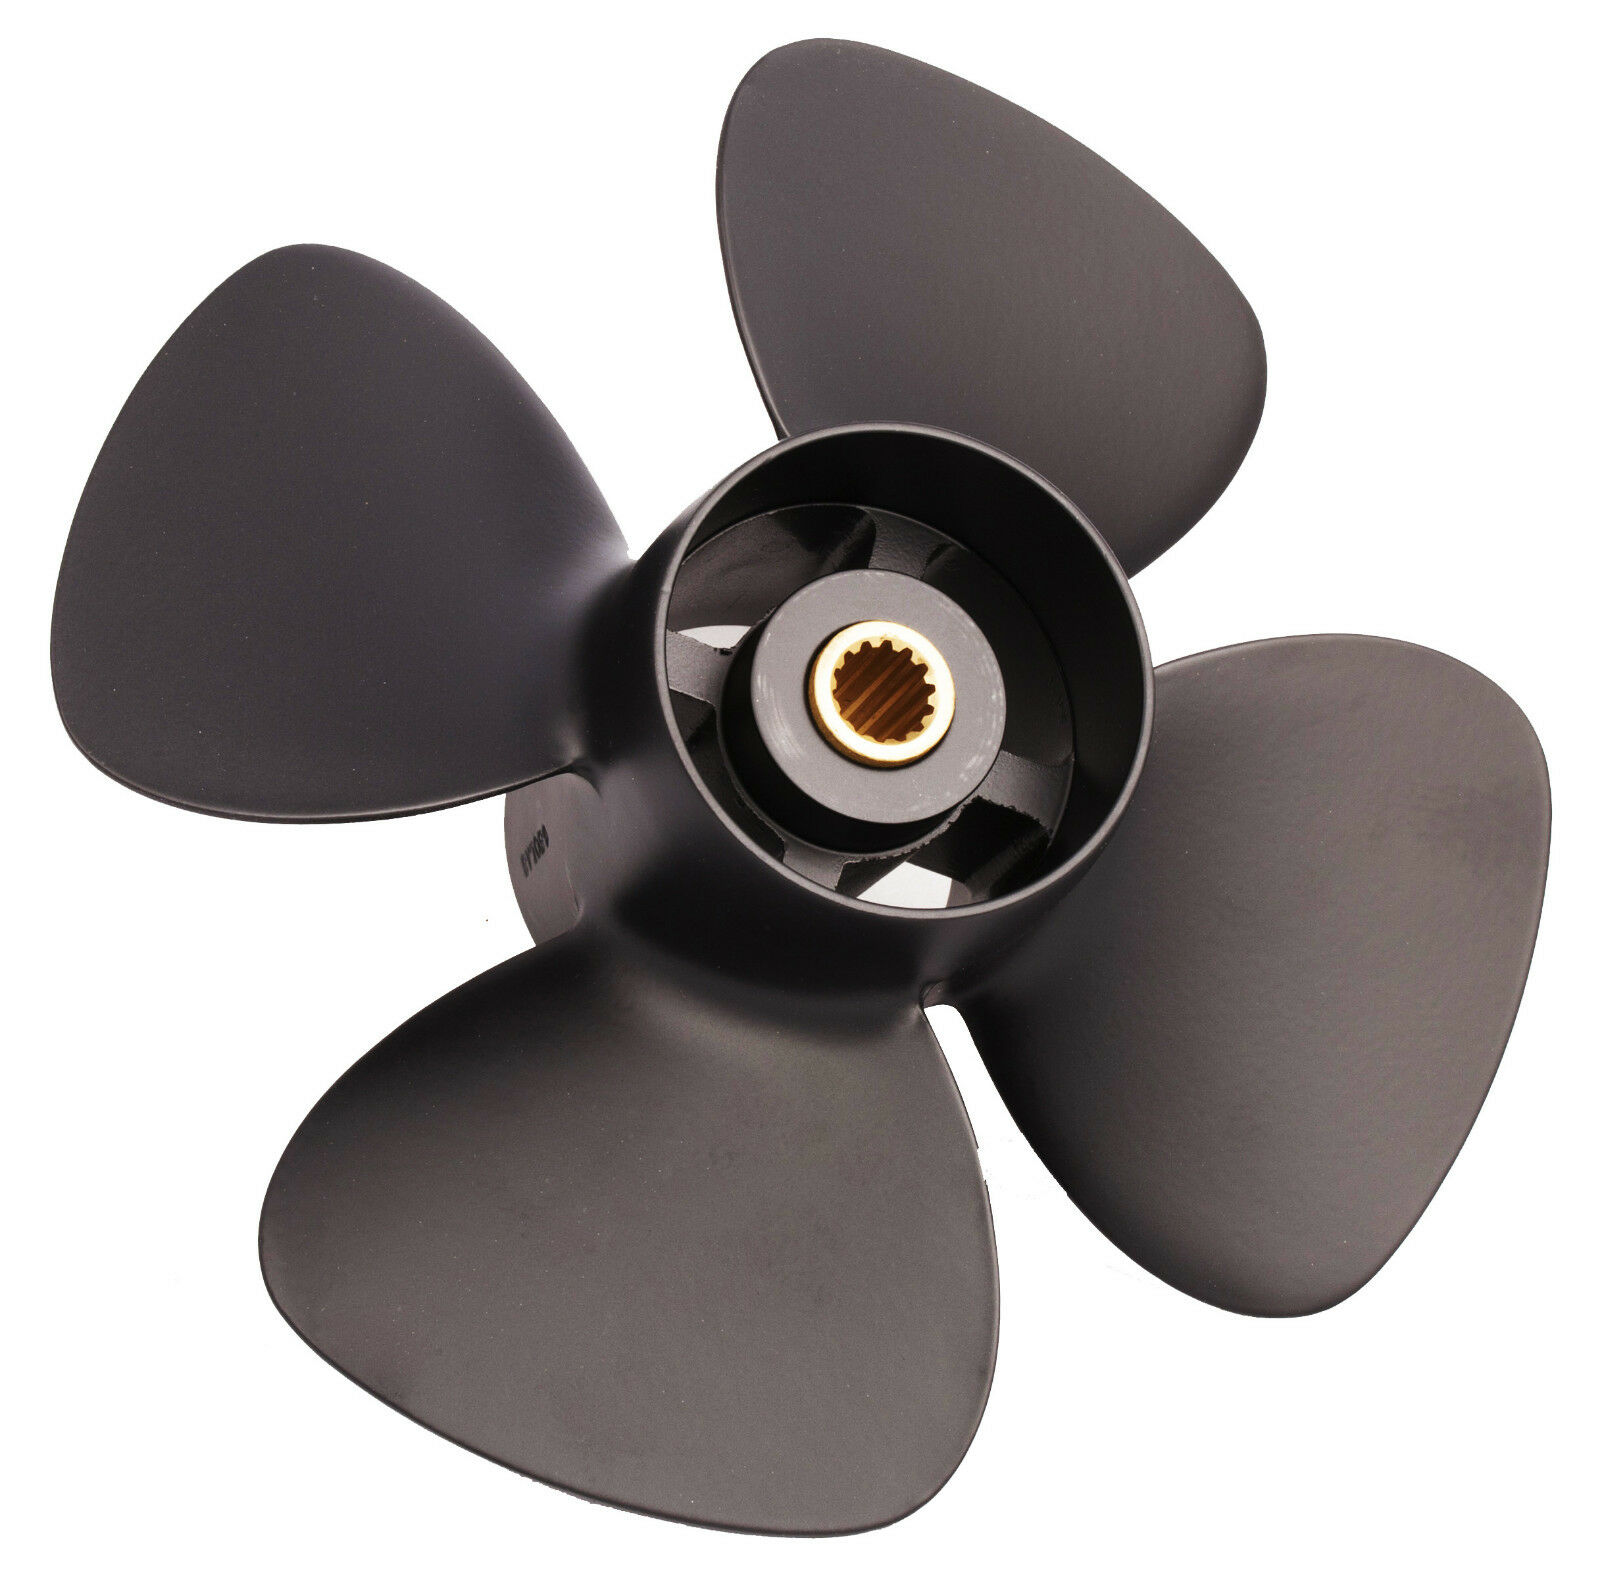 SOLAS Propeller Aluminium 4 - Tohatsu 10 x 7 für Tohatsu - 9,9, 15, 18 & 20 PS Schubprop 6a26a7